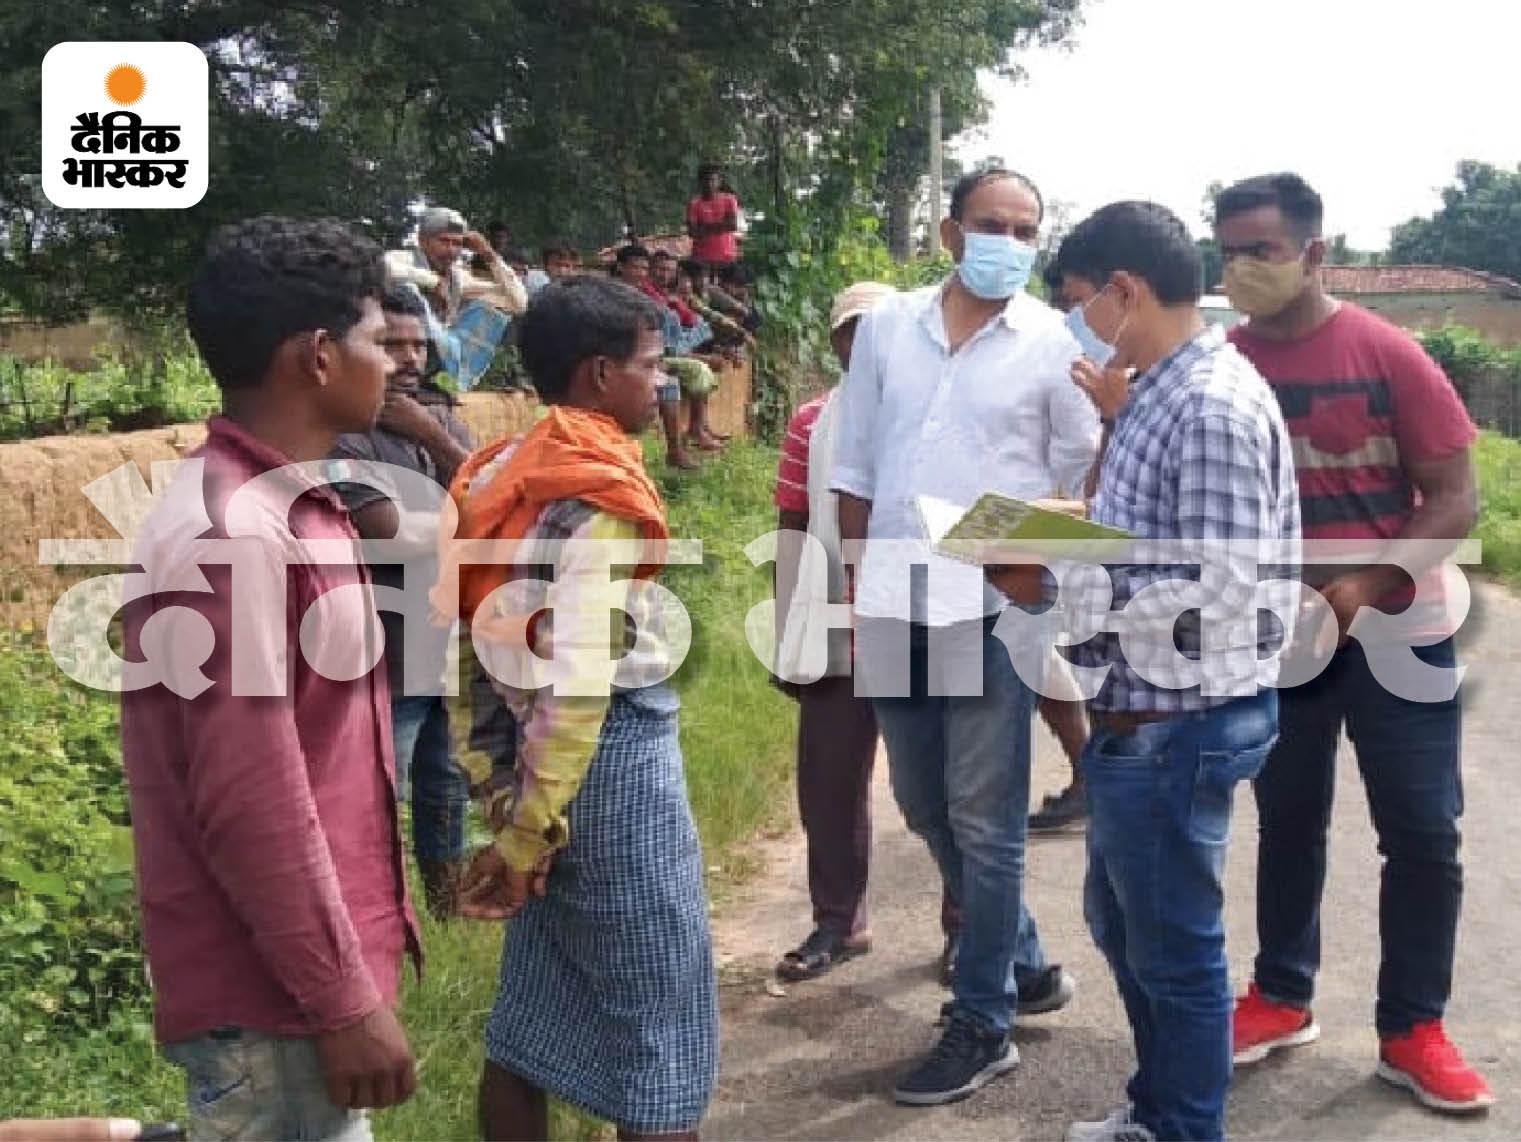 ग्रामीणों ने बताया कि रात करीब 2-3 बजे चिल्लाने की आवाज सुनी थी, लेकिन लगा कि कोई ऐसे ही शोर कर रहा होगा, इसलिए कोई गया नहीं।